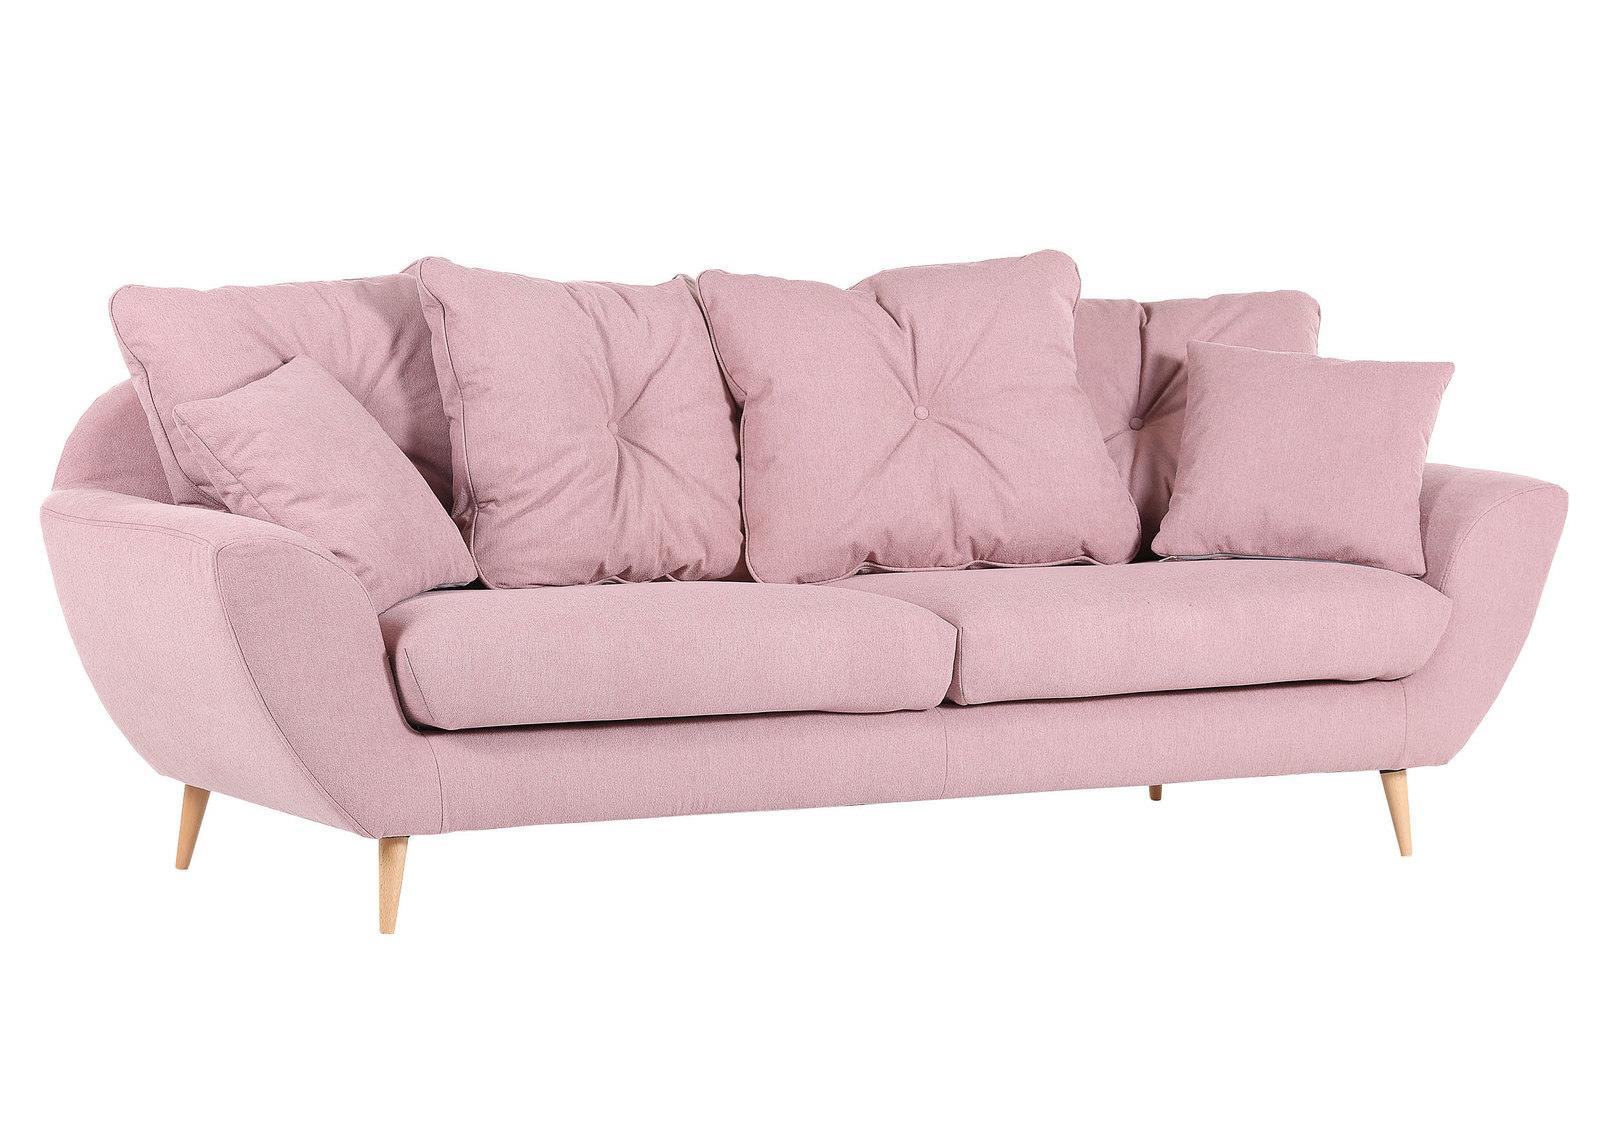 Mega Sofa Pink Online Entdecken Schaffrath Ihr Möbelhaus